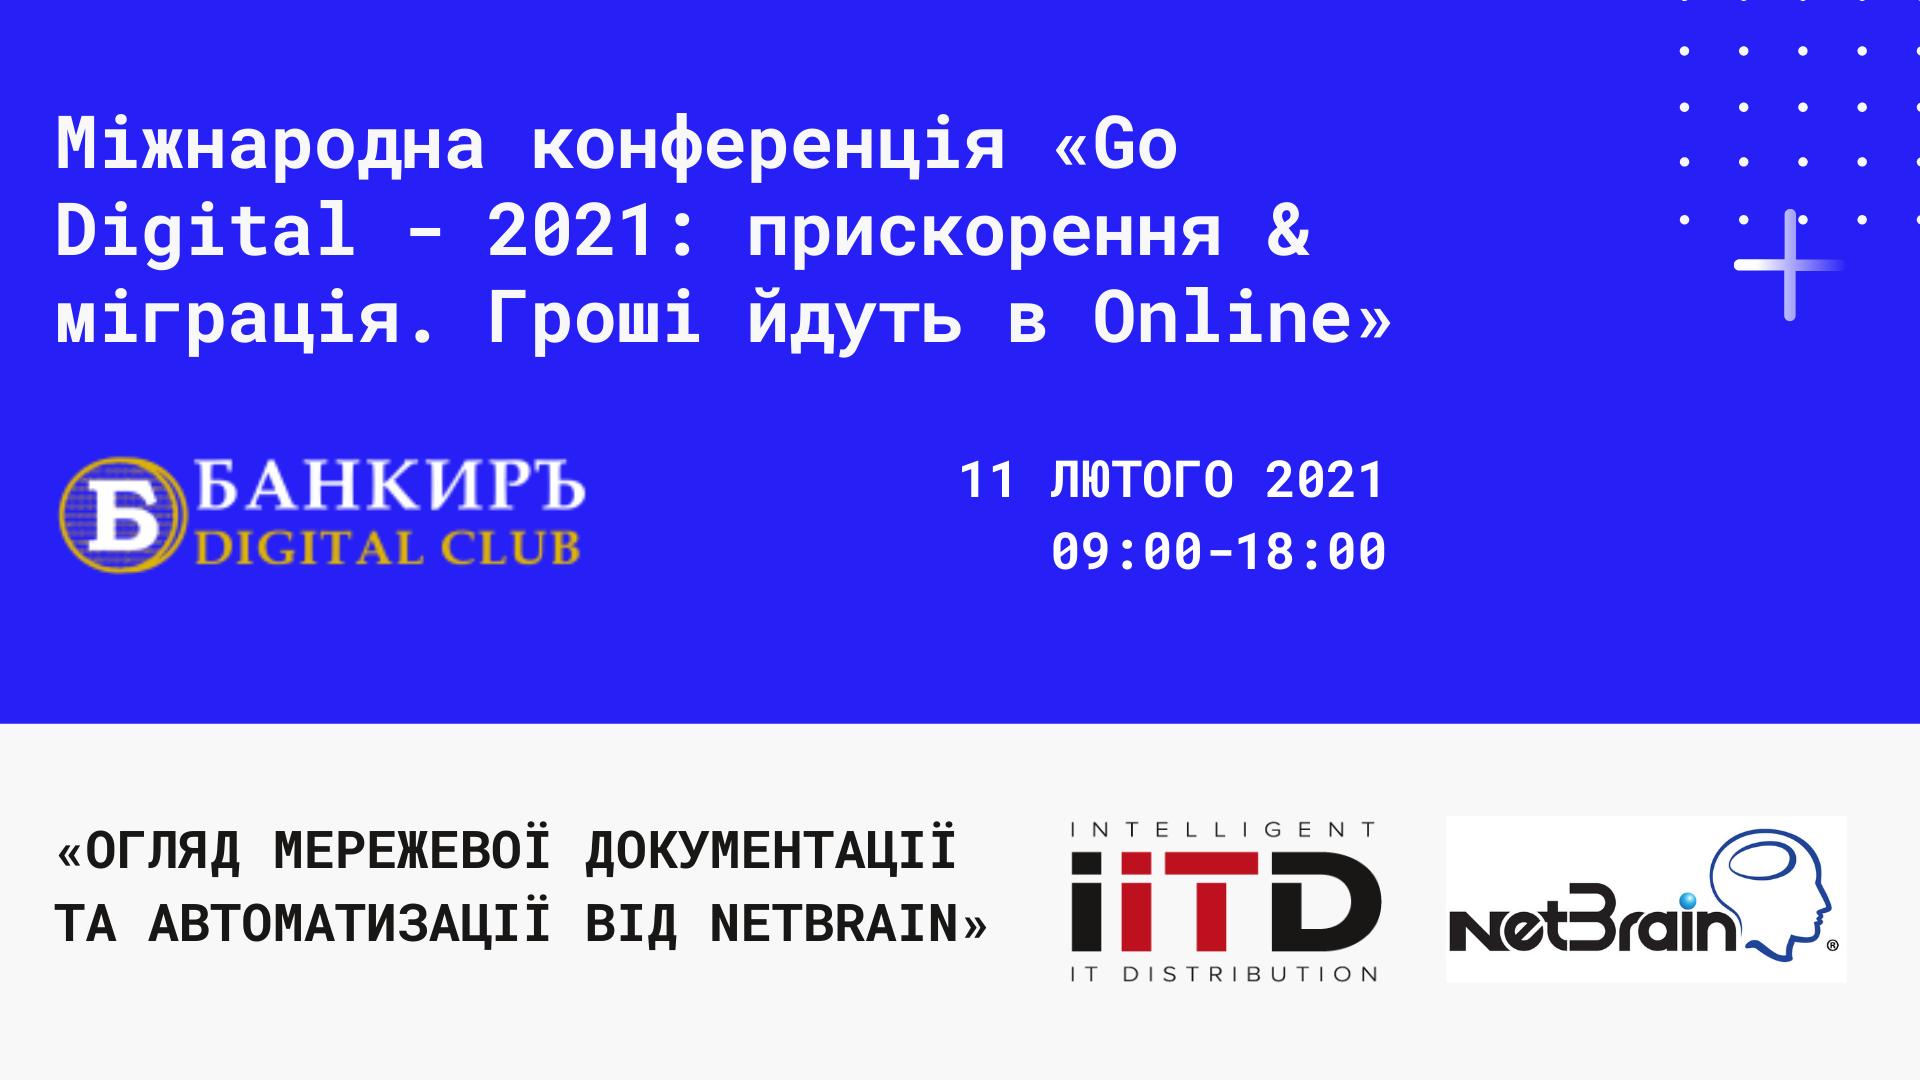 Международная конференция «Go Digital - 2021: ускорение & миграция. Деньги идут в Online»!